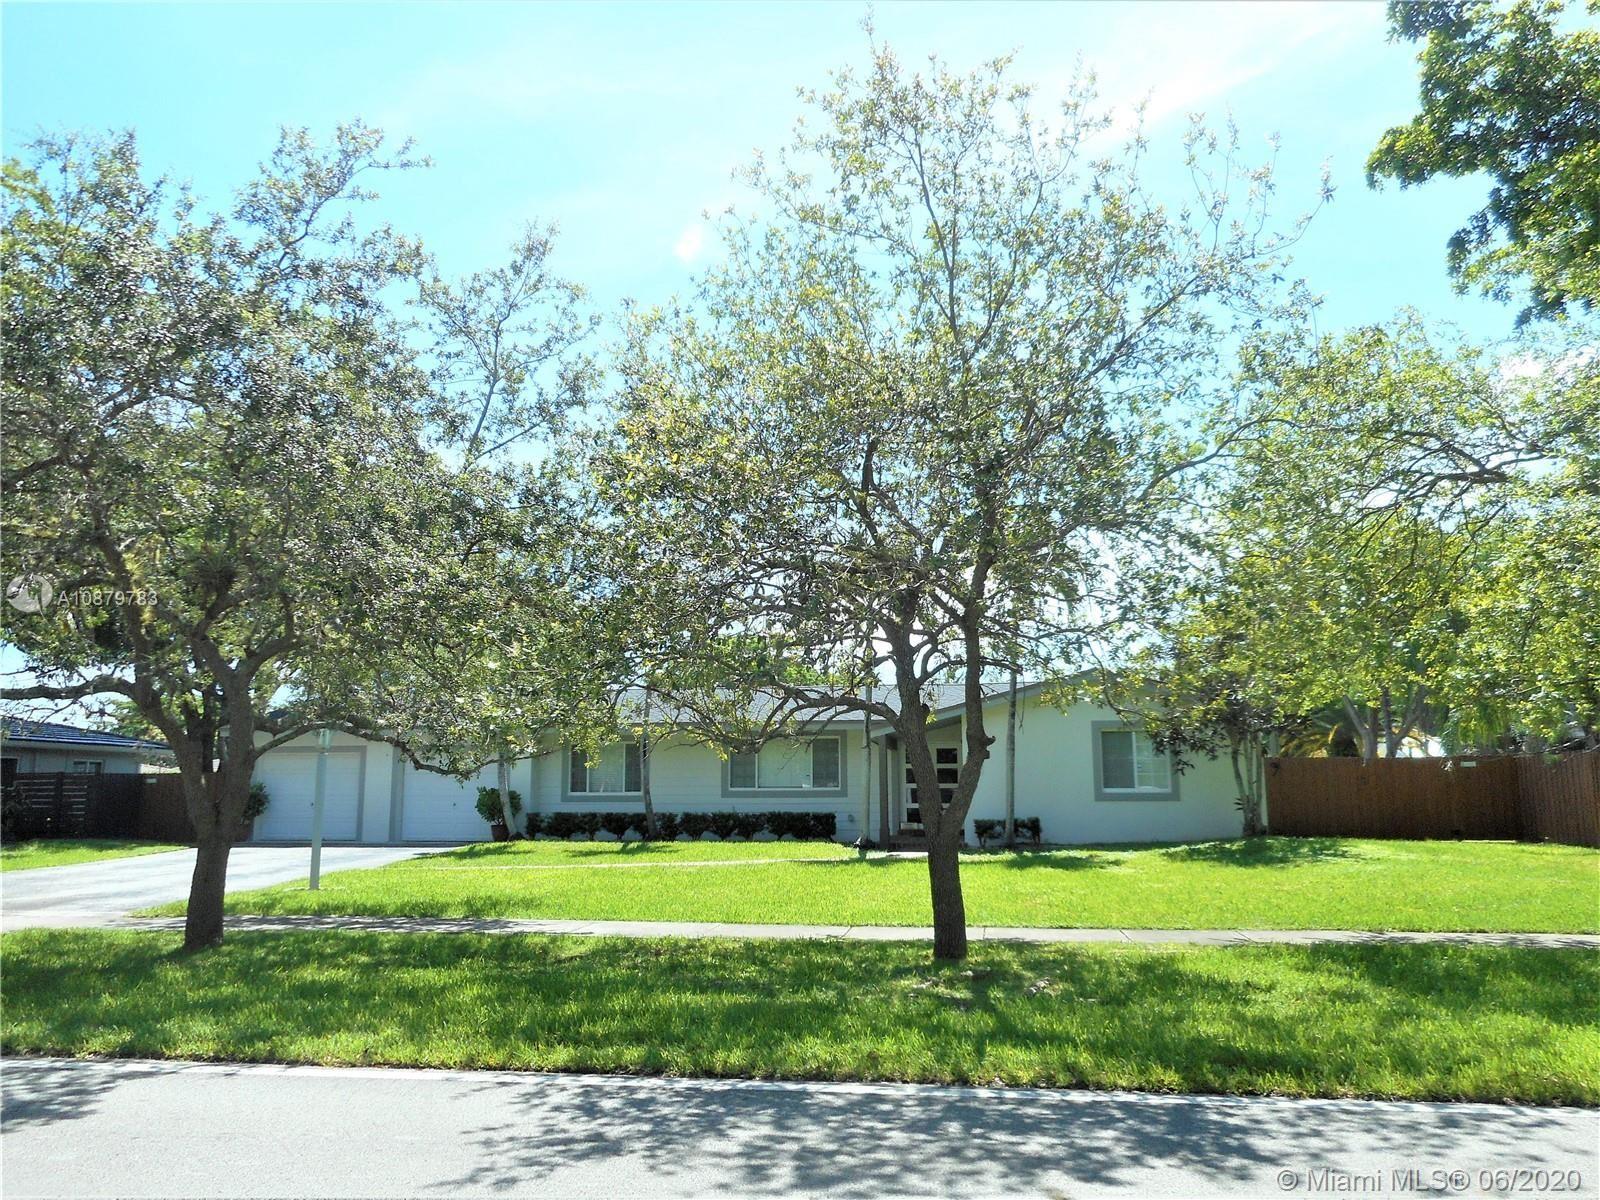 15625 SW 87th Ave, Palmetto Bay, FL 33157 - #: A10879783